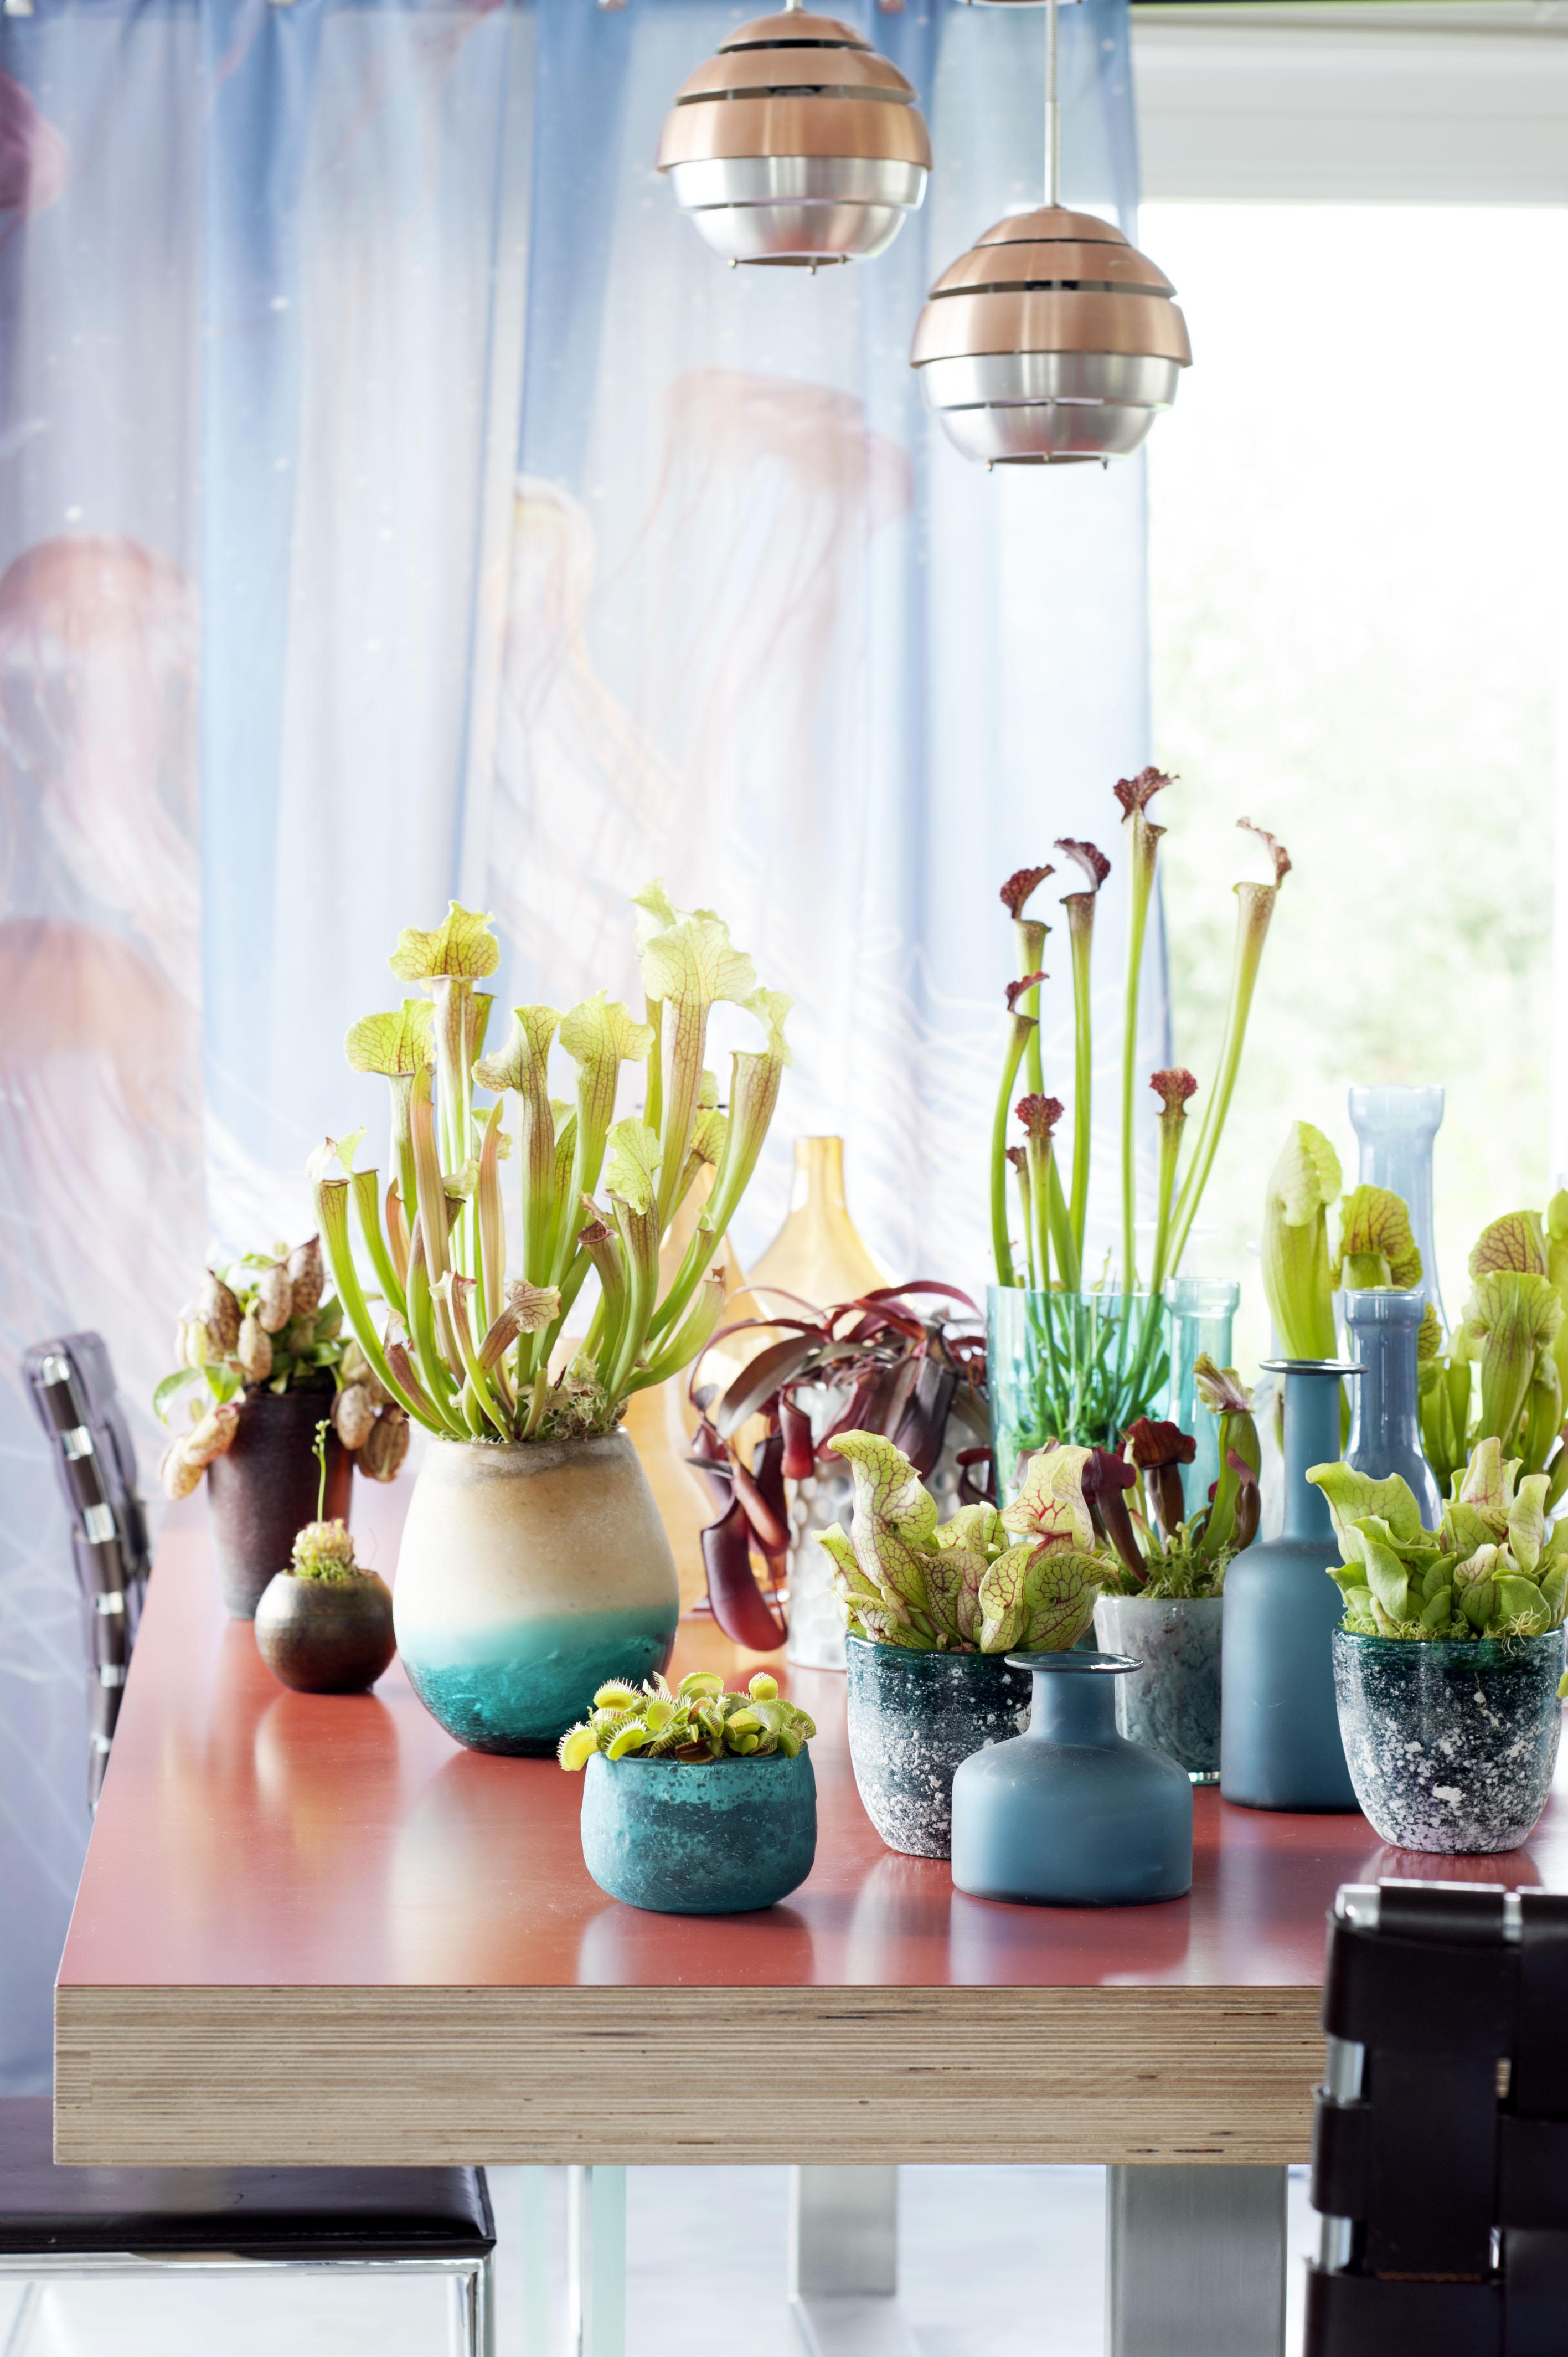 fleischfressende pflanzen sind zimmerpflanzen des monats september der j ger im presseportal. Black Bedroom Furniture Sets. Home Design Ideas